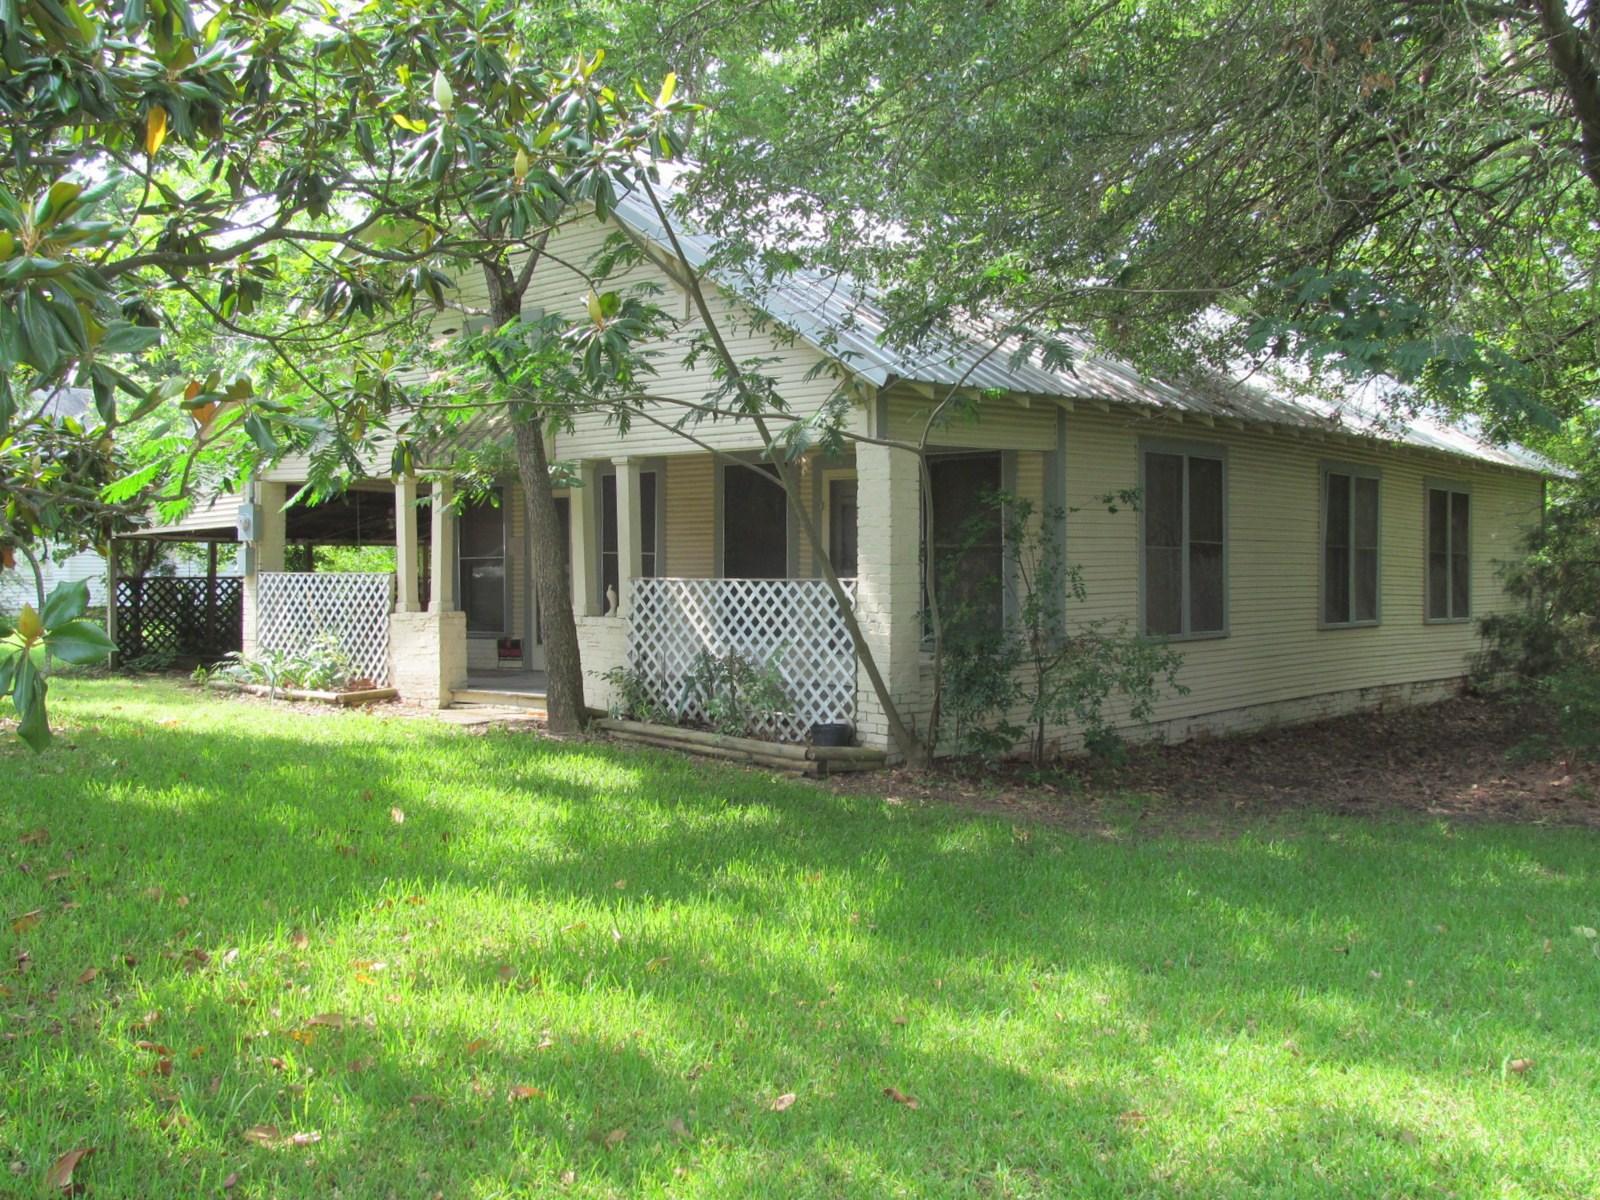 1930's  FARM HOUSE in EAST TEXAS - HOPKINS COUNTY + 2 ACRES